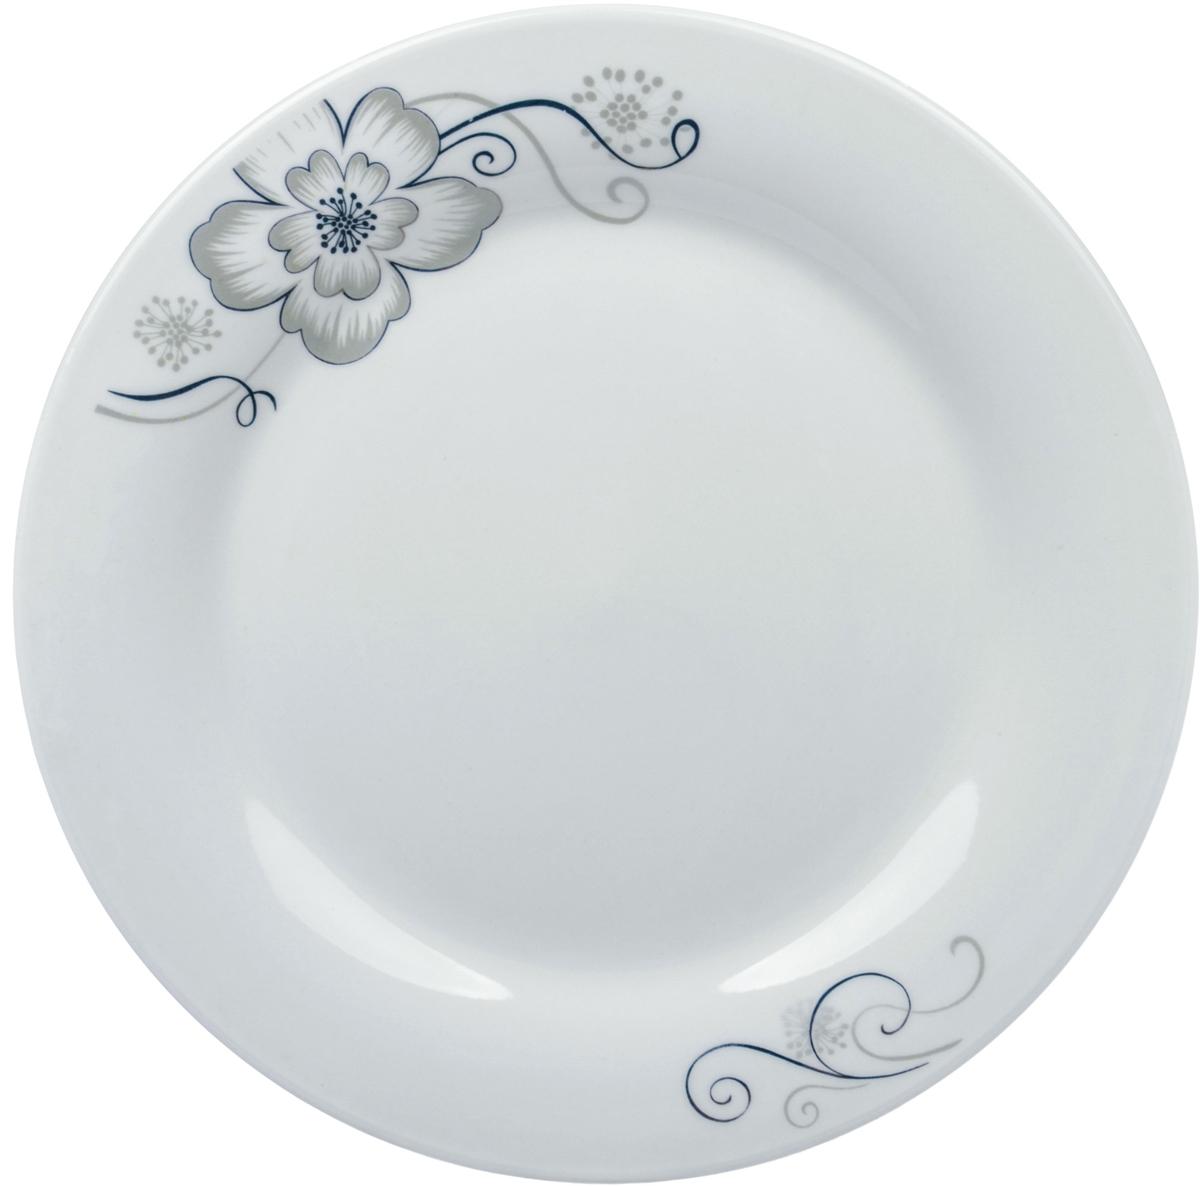 Тарелка Ningbo Royal Серый цветок, диаметр 23 смRUCH068-14Фарфоровая столовая посуда фабрики Royal Union удивит вас приятнымсочетанием отменного качества фарфора, классическими цветочными декорами.Посуда найдет свое применение как в городской квартире, так и в загородномдоме. Классический декор будет одинаково хорошо смотреться в любое времягода. Посуду из фарфора RU можно использовать в СВЧ и мыть в ПММ.